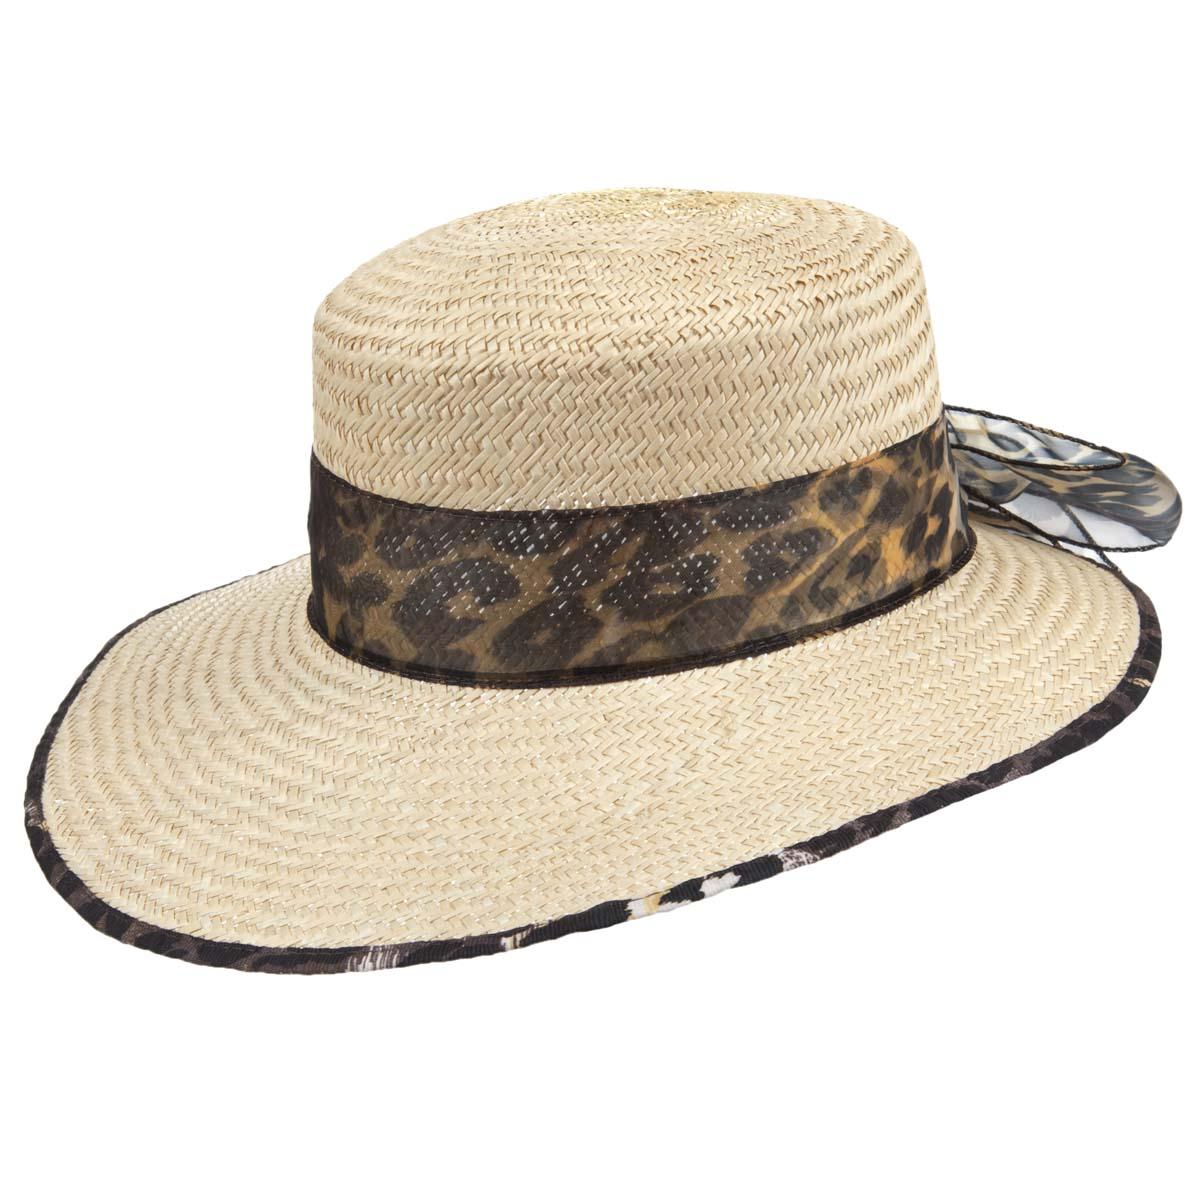 Cappello Angelina in paglia naturale con motivo maculato ... 8efc9652ec6c